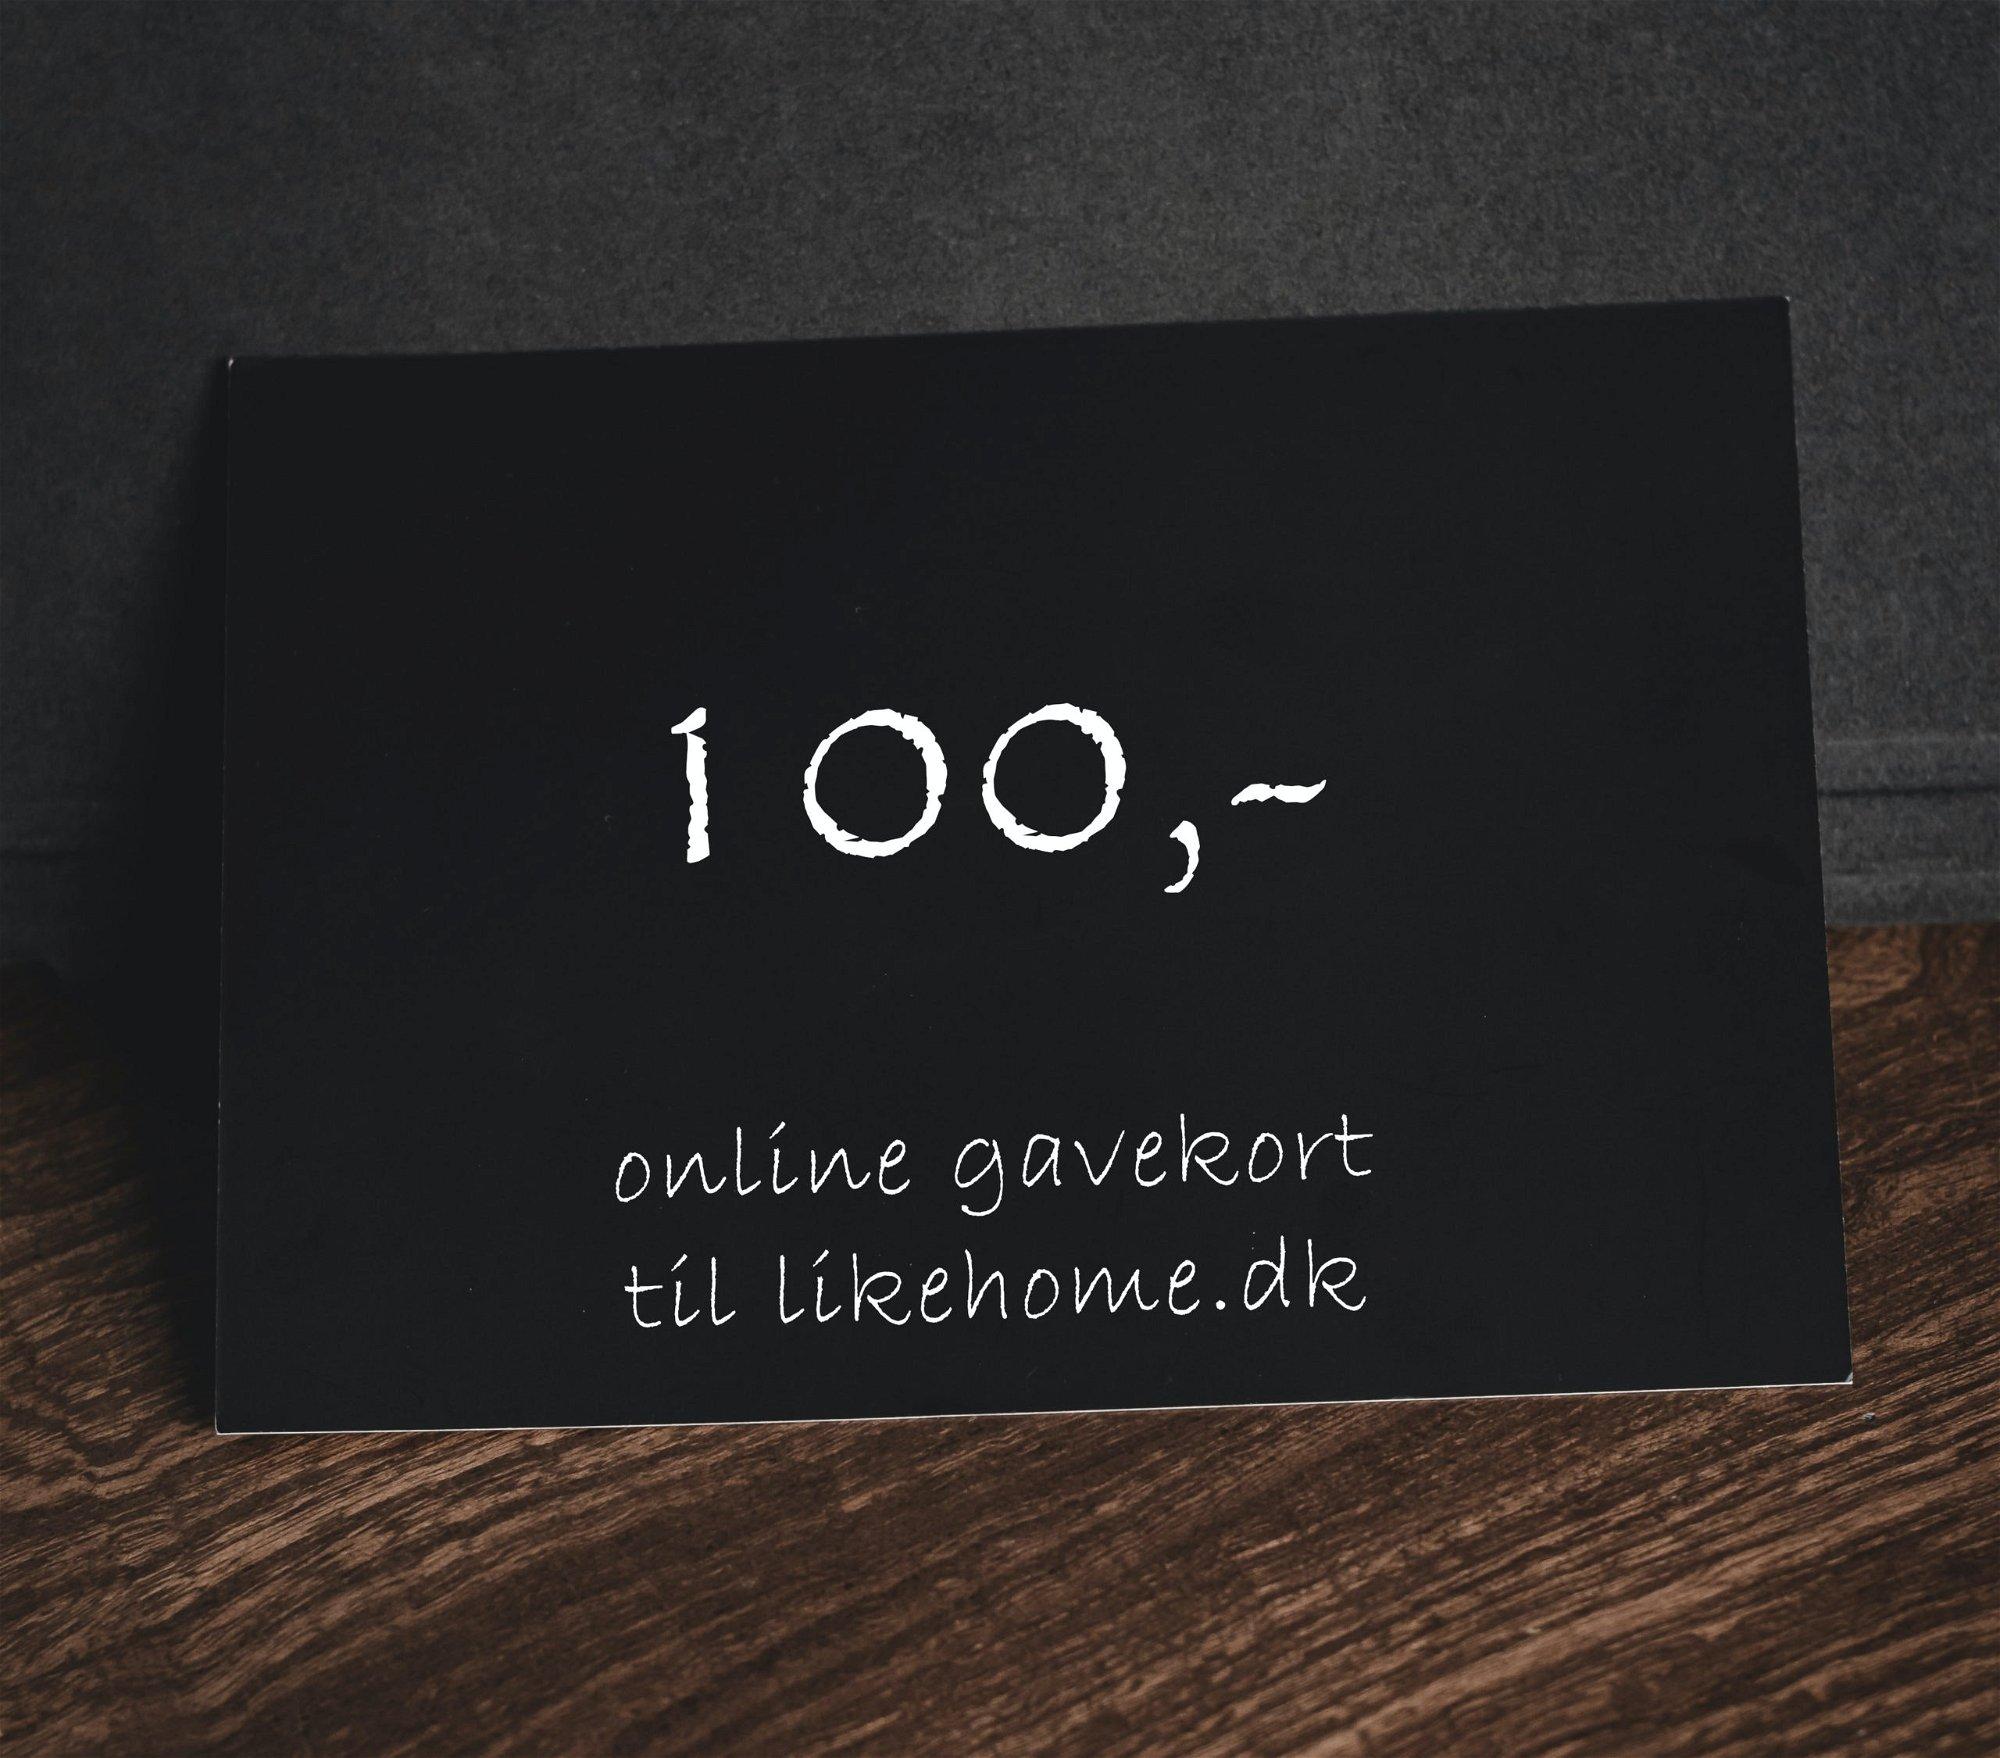 Gavekort til likehome.dk by likehome (100, Hvid)